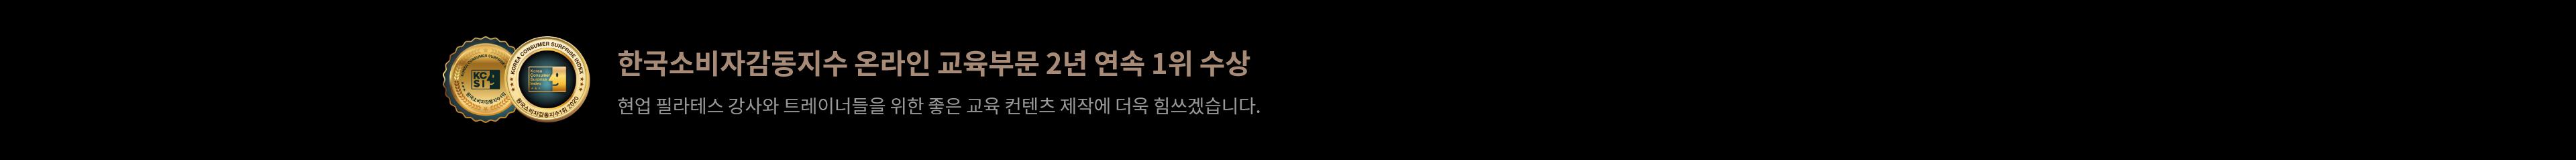 한국소비자감동지수 온라인 교육부문 2년 연속 1위 수상